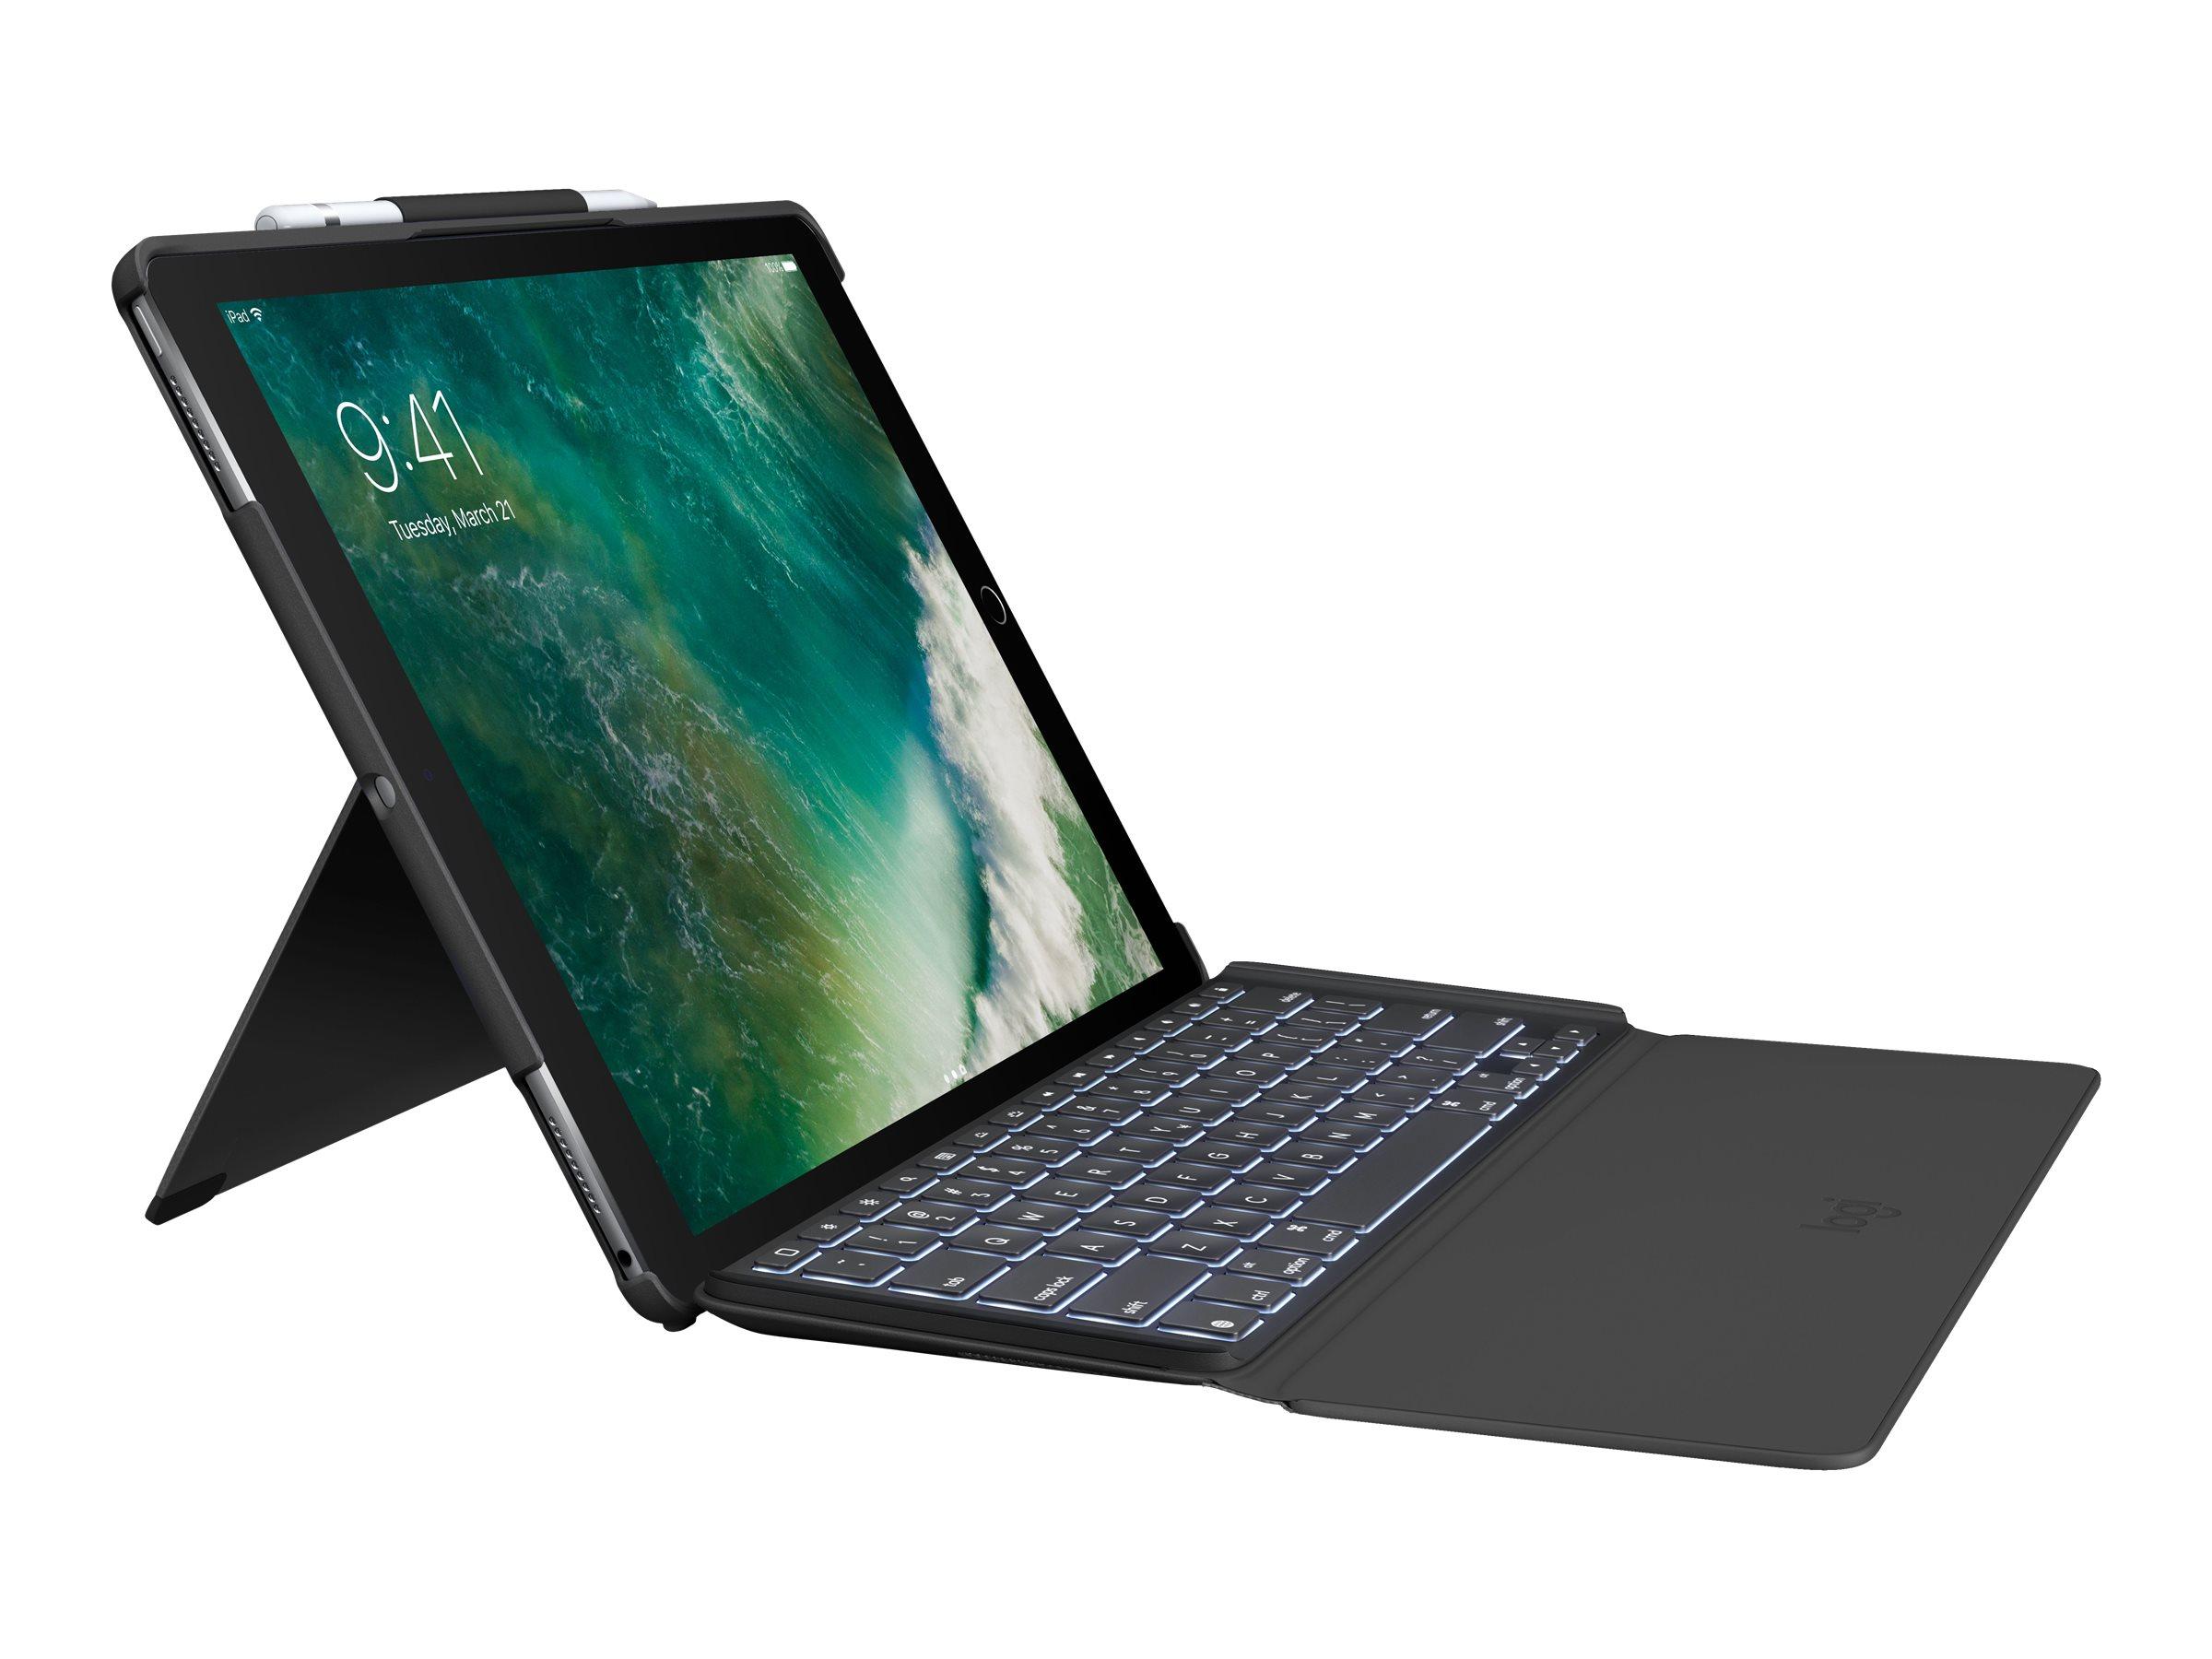 Logitech Slim Combo - Tastatur und Foliohülle - hinterleuchtet - Apple Smart connector - German QWERTZ - Schwarz - für Apple 12.9-inch iPad Pro (1. Generation, 2. Generation)